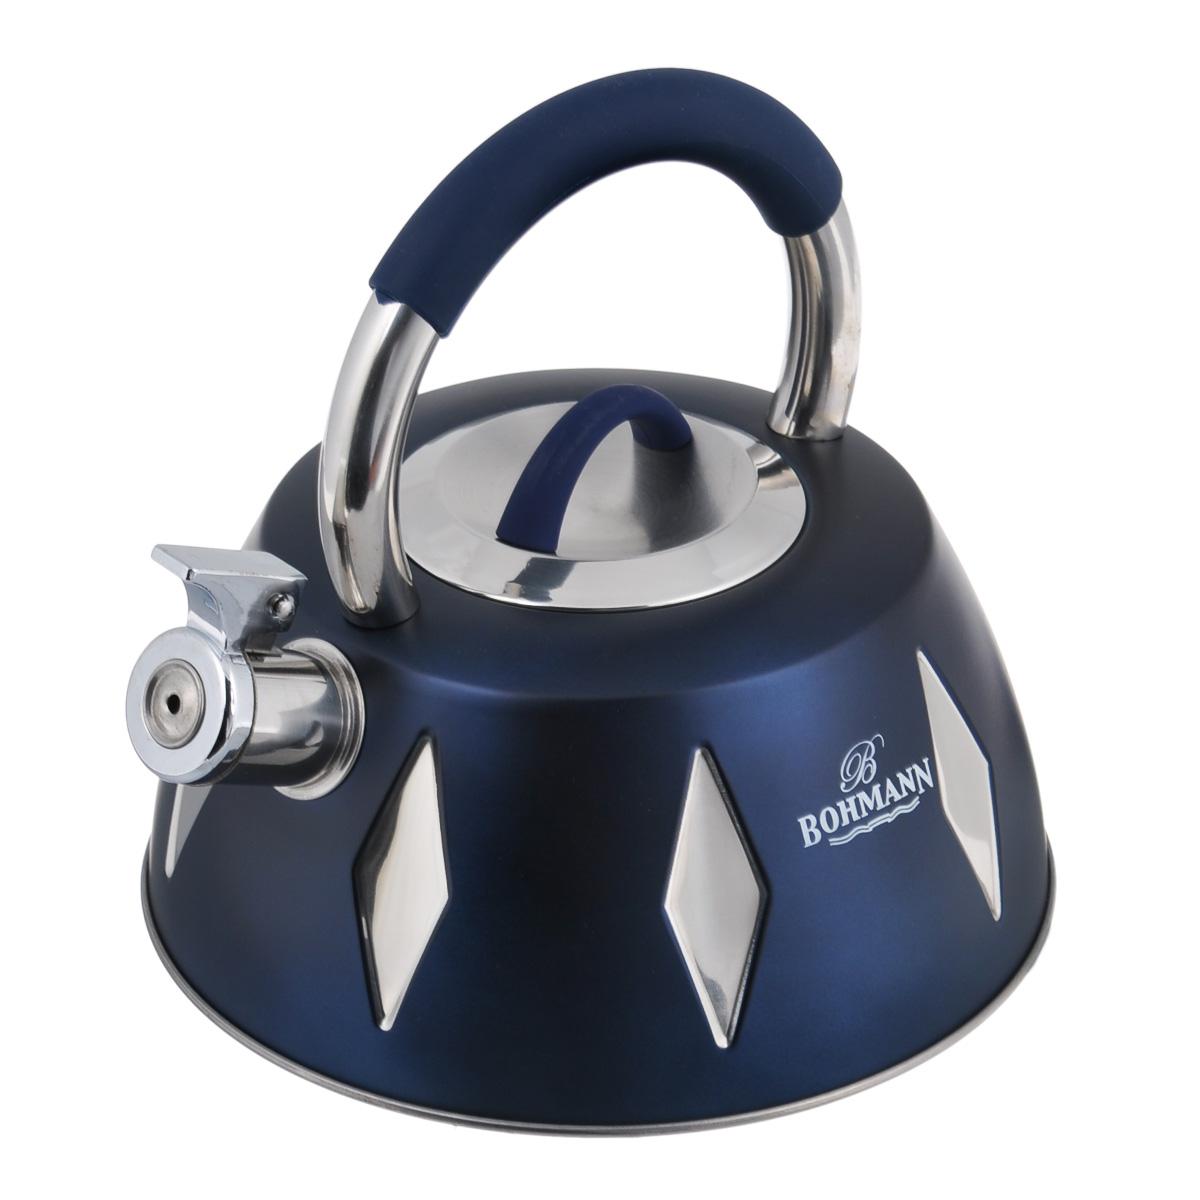 Чайник Bohmann со свистком, цвет: синий, 3,5 л. BH - 99489948BHЧайник Bohmann изготовлен из высококачественной нержавеющей стали с цветным матовым покрытием. Нержавеющая сталь - материал, из которого в течение нескольких десятилетий во всем мире производятся столовые приборы, кухонные инструменты и различные аксессуары. Этот материал обладает высокой стойкостью к коррозии и кислотам. Прочность, долговечность и надежность этого материала, а также первоклассная обработка обеспечивают практически неограниченный запас прочности и неизменно привлекательный внешний вид. Чайник оснащен удобной ручкой с цветной силиконовой вставкой, что предотвращает появление ожогов и обеспечивает безопасность использования. Носик чайника имеет откидной свисток, который подскажет, когда вода закипела. Можно использовать на газовых, электрических, галогеновых, стеклокерамических, индукционных плитах. Можно мыть в посудомоечной машине. Высота чайника (без учета ручки и крышки): 10 см. Высота чайника (с учетом ручки): 22 см. Диаметр основания чайника: 22 см. Диаметр чайника (по верхнему краю): 10 см.